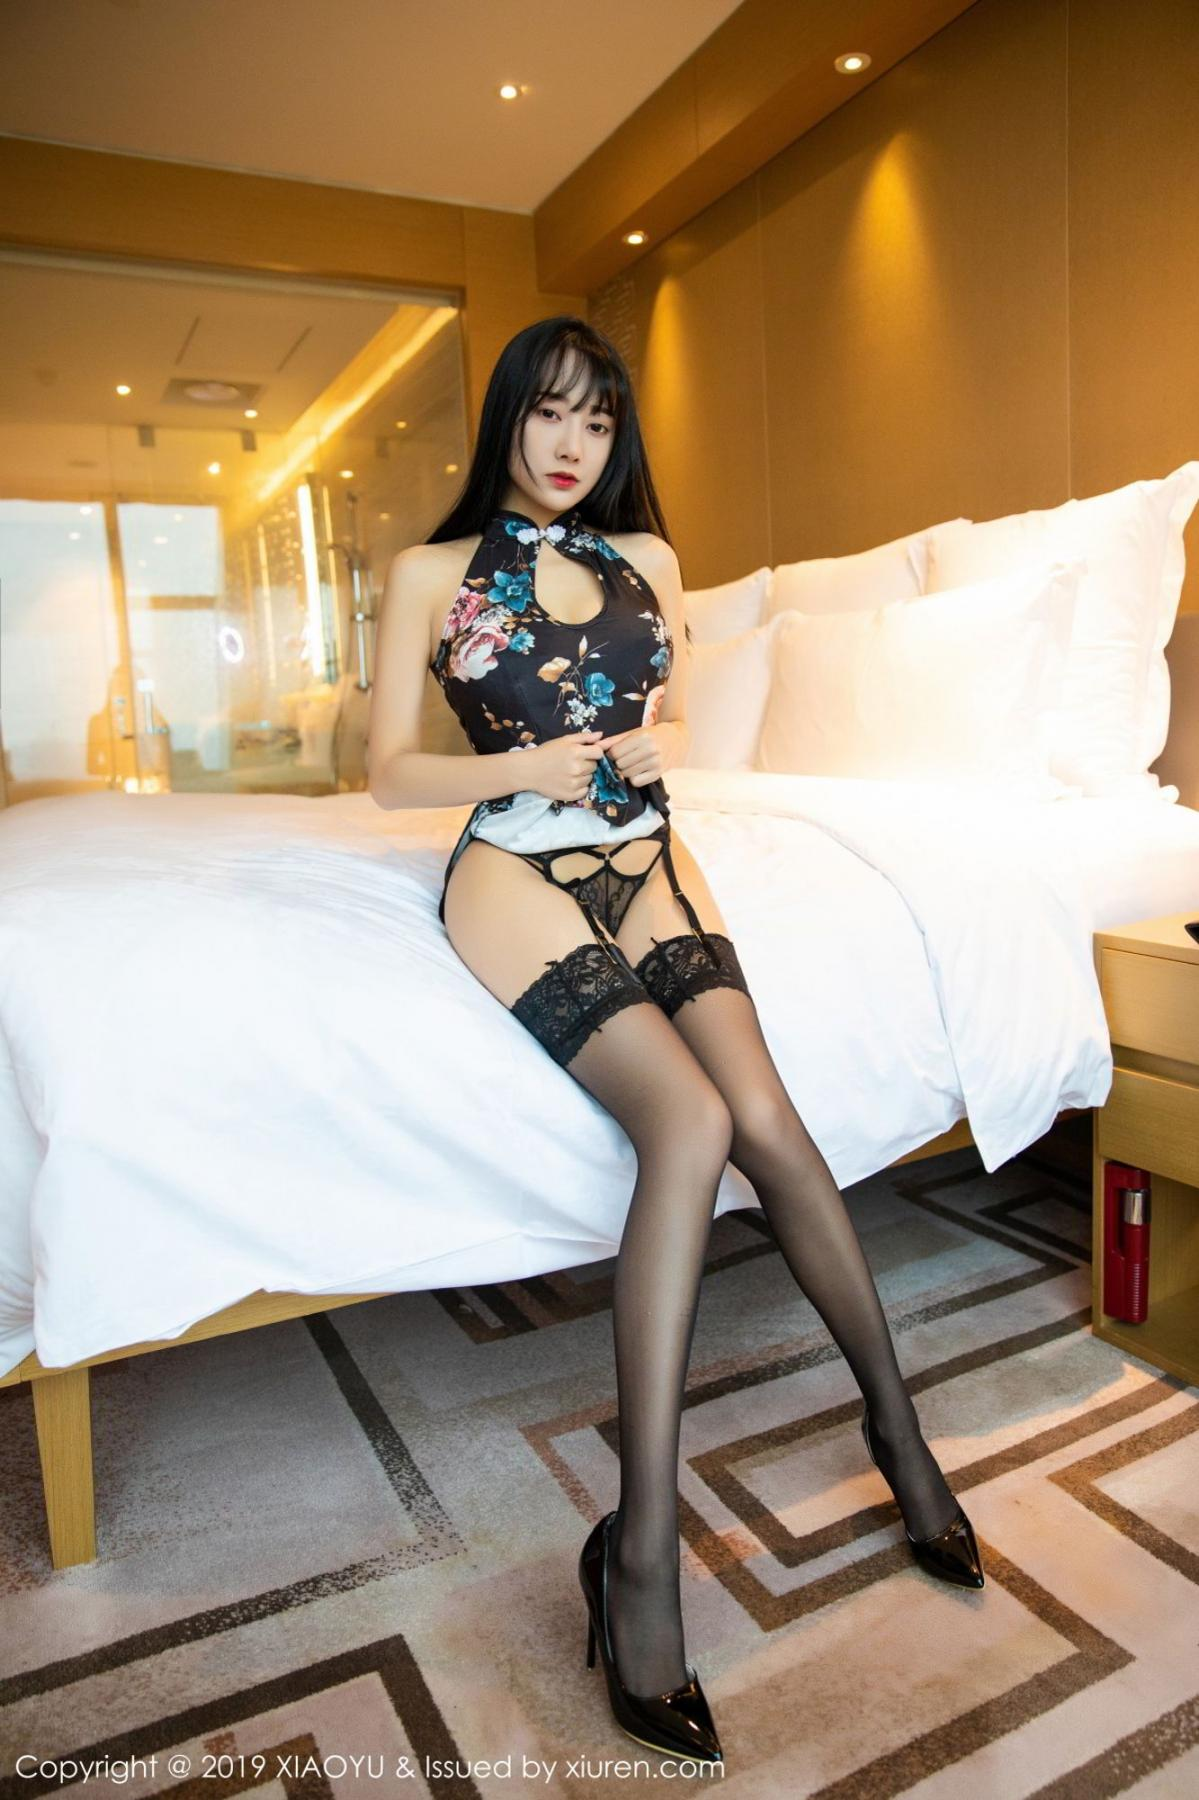 [XiaoYu] Vol.079 He Jia Ying 2P, Black Silk, Cheongsam, He Jia Ying, Tall, Temperament, XiaoYu